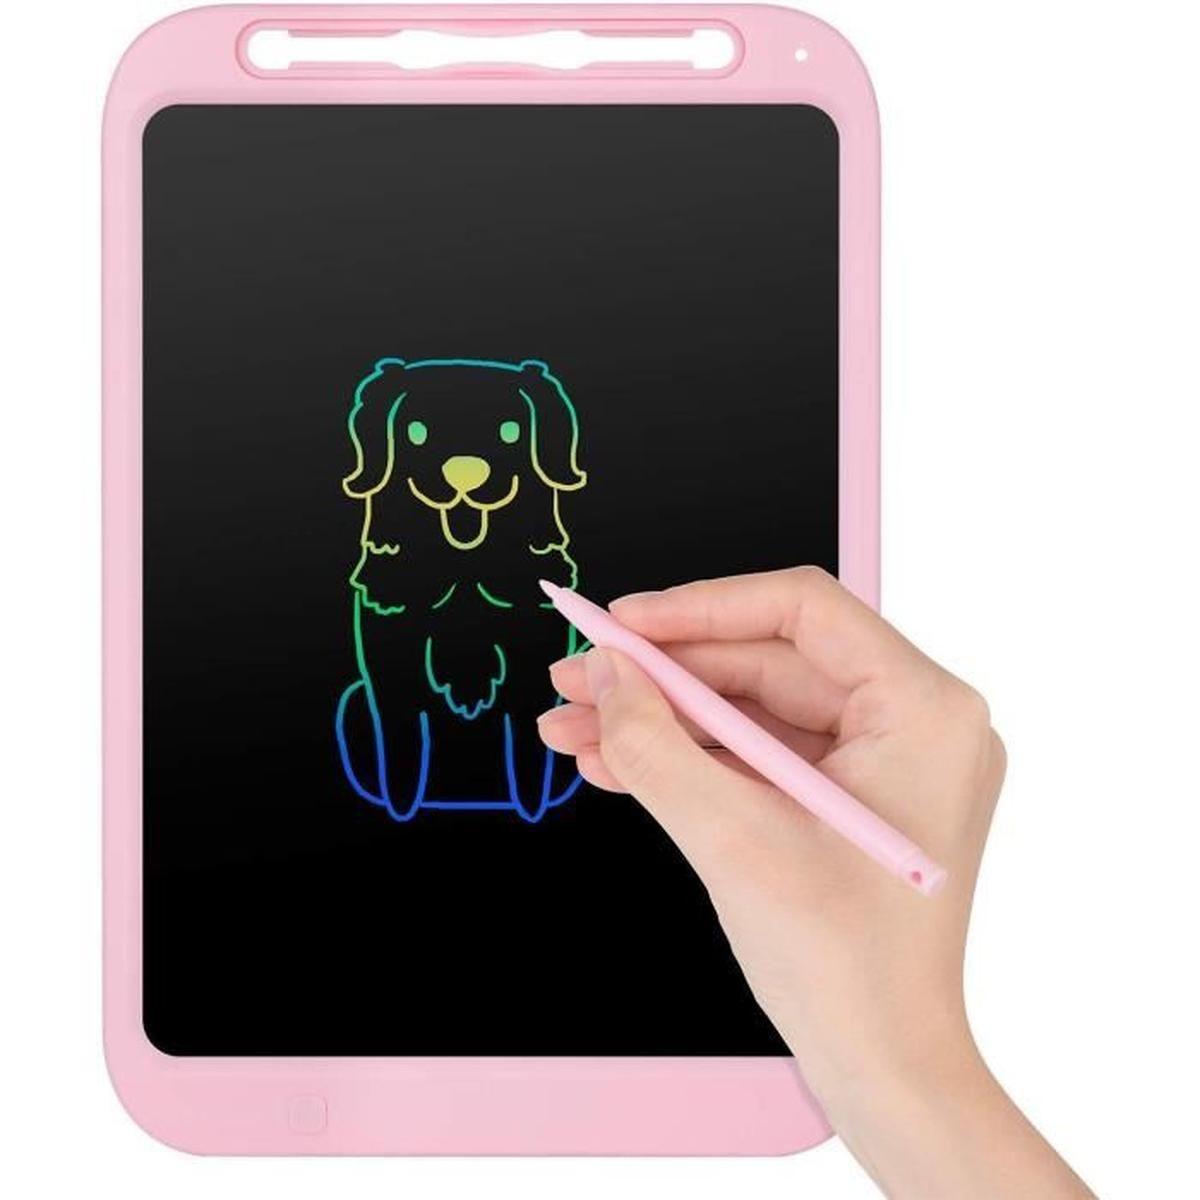 Tableau D'écriture Lcd 12 Pouces, Tablette À Dessin intérieur Tablette Enfant Fille